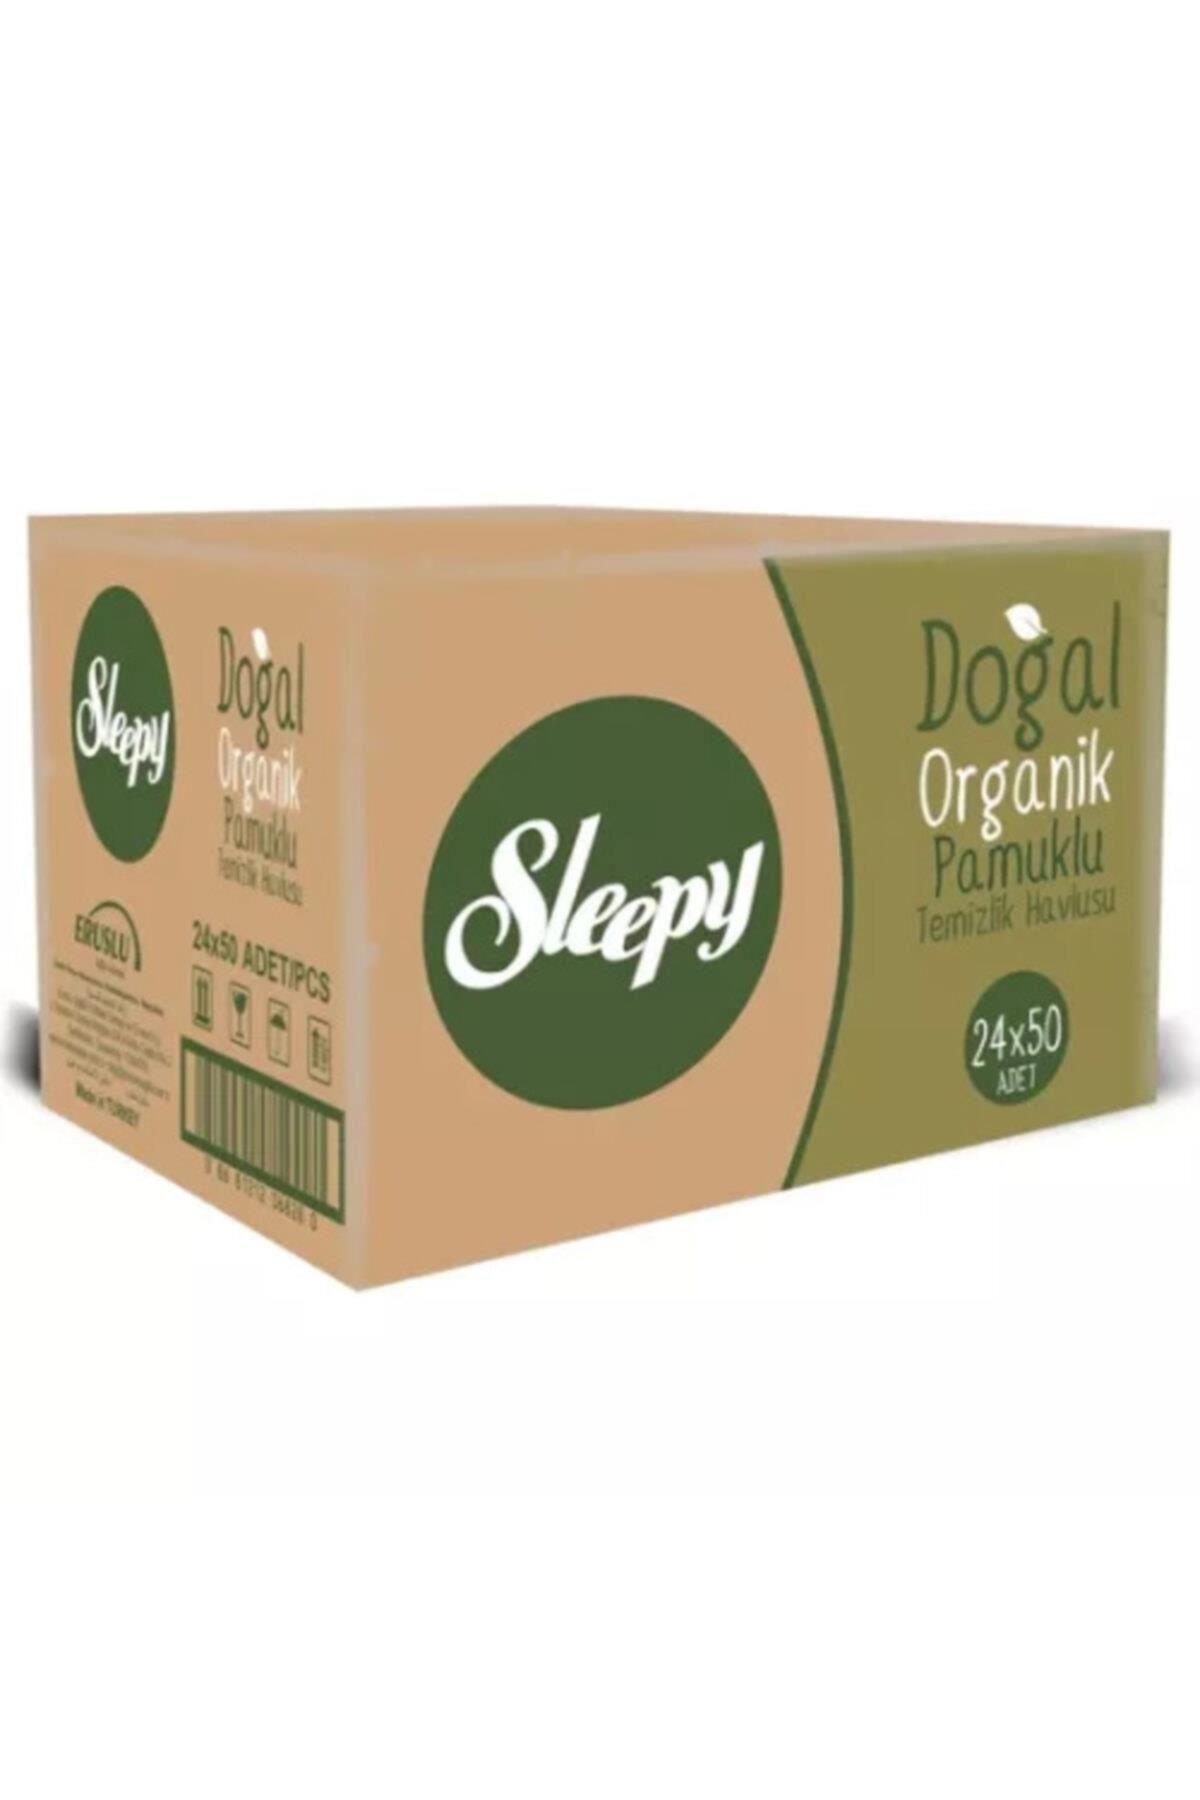 Sleepy Doğal Organik Pamuklu Islak Havlu Mendil 24x50 (1200 Yaprak)